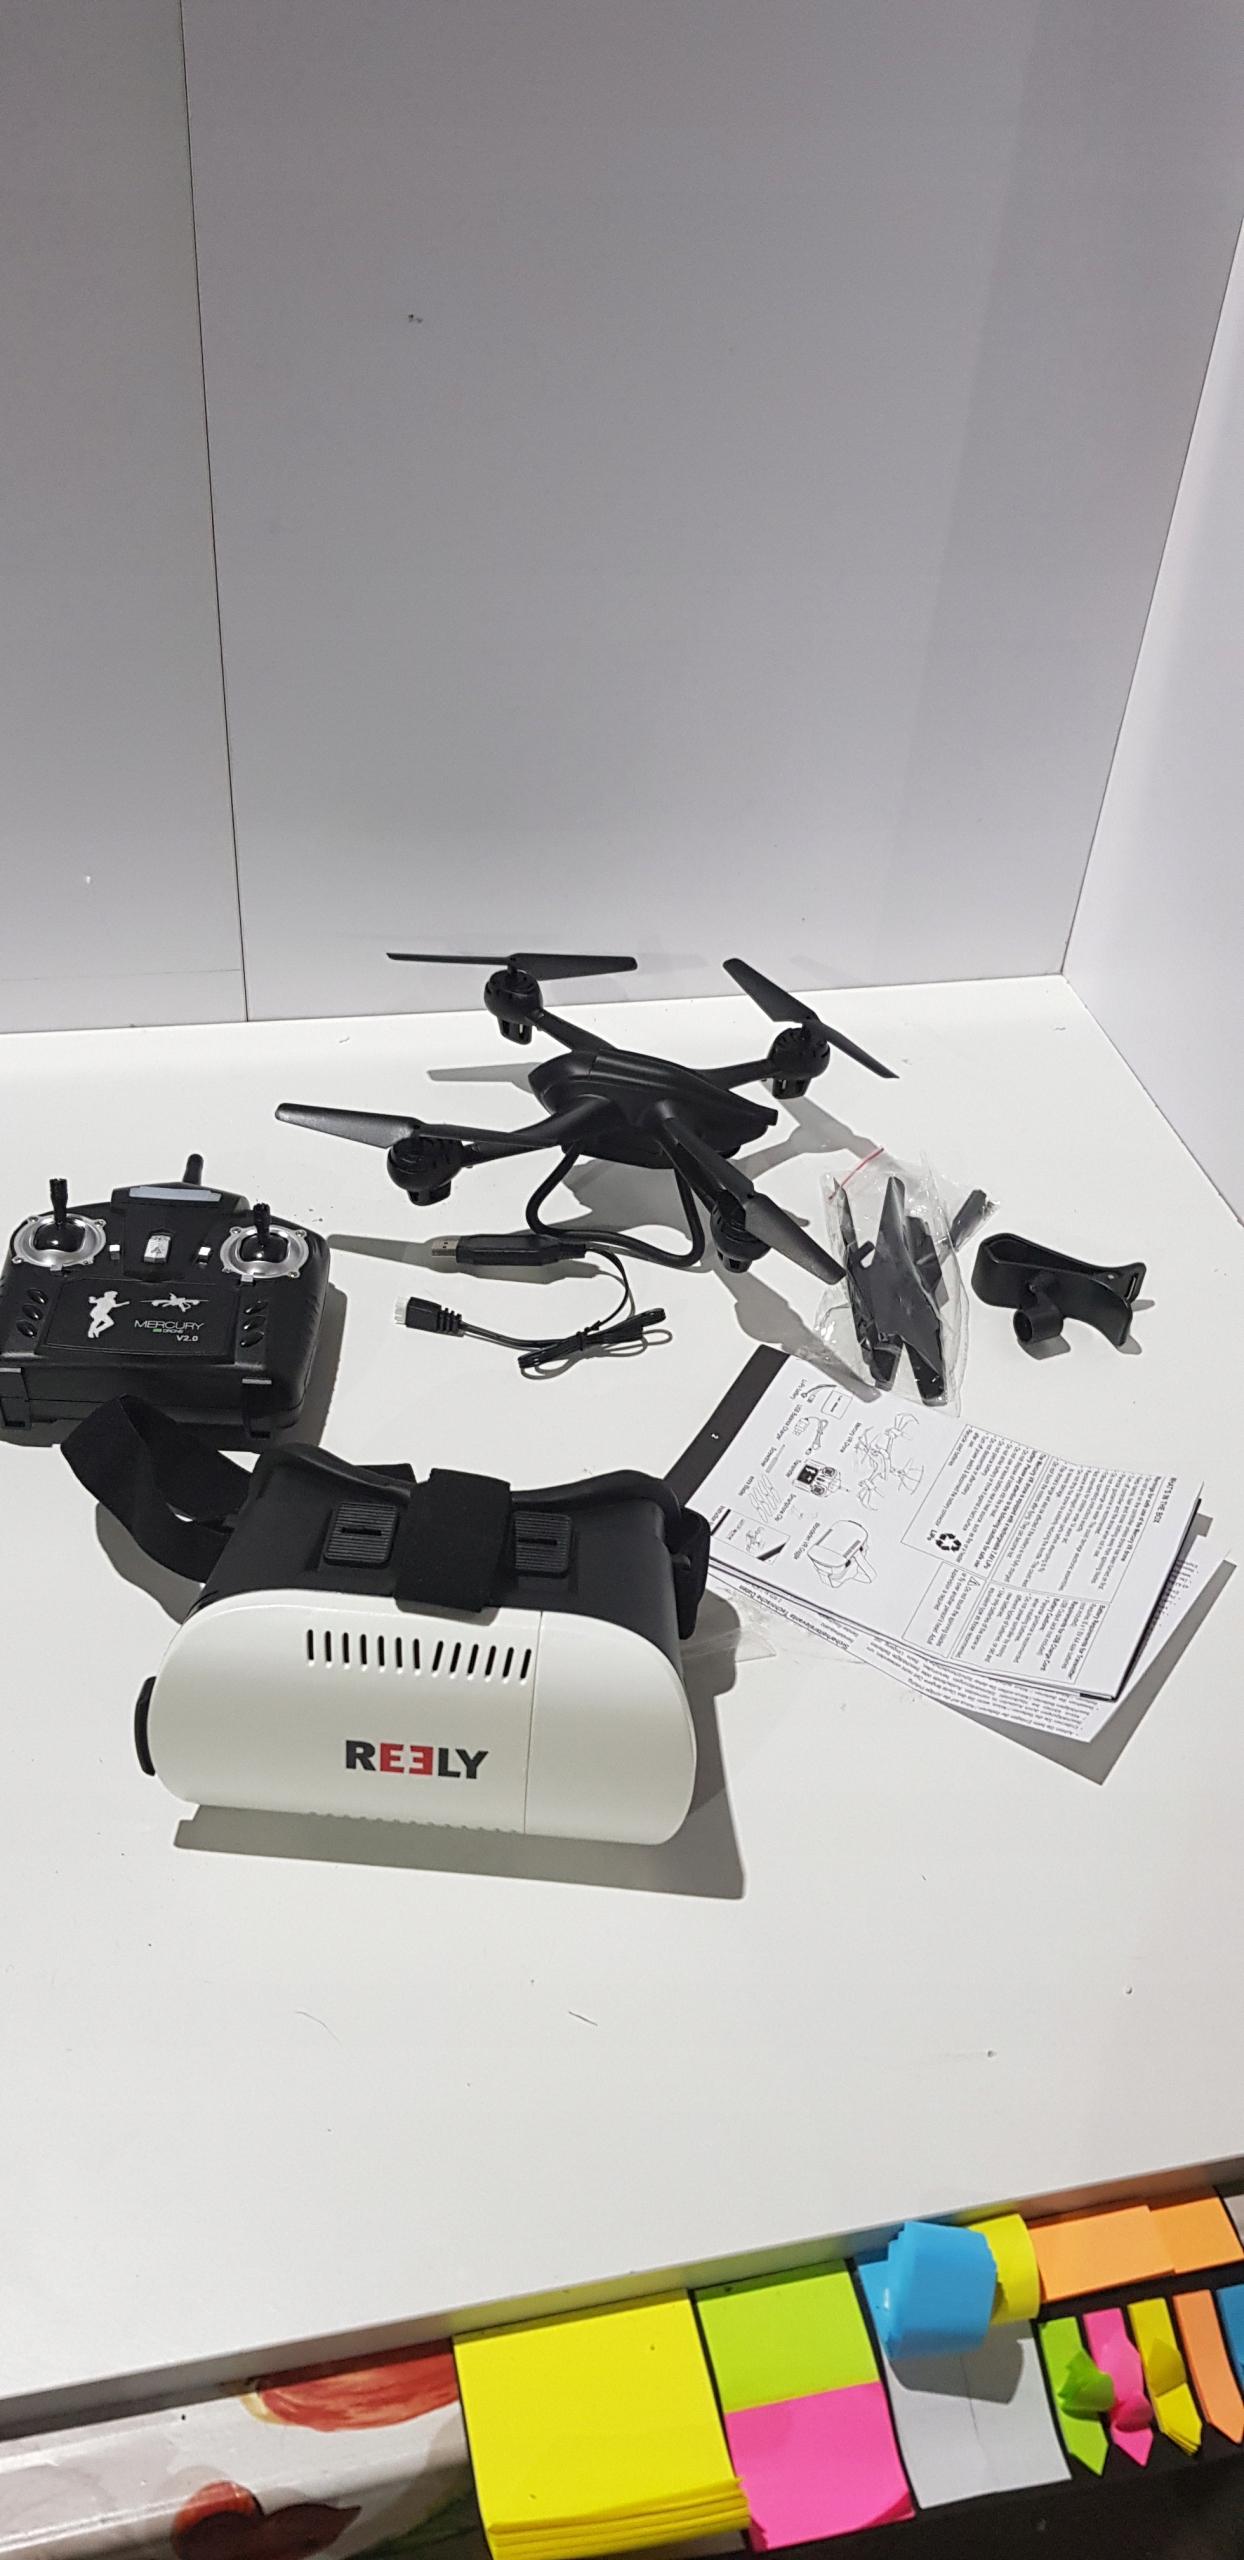 28580293b Dron Reely Mercury V2.0 VR FPV RtF Camera - 7623836291 - oficjalne ...